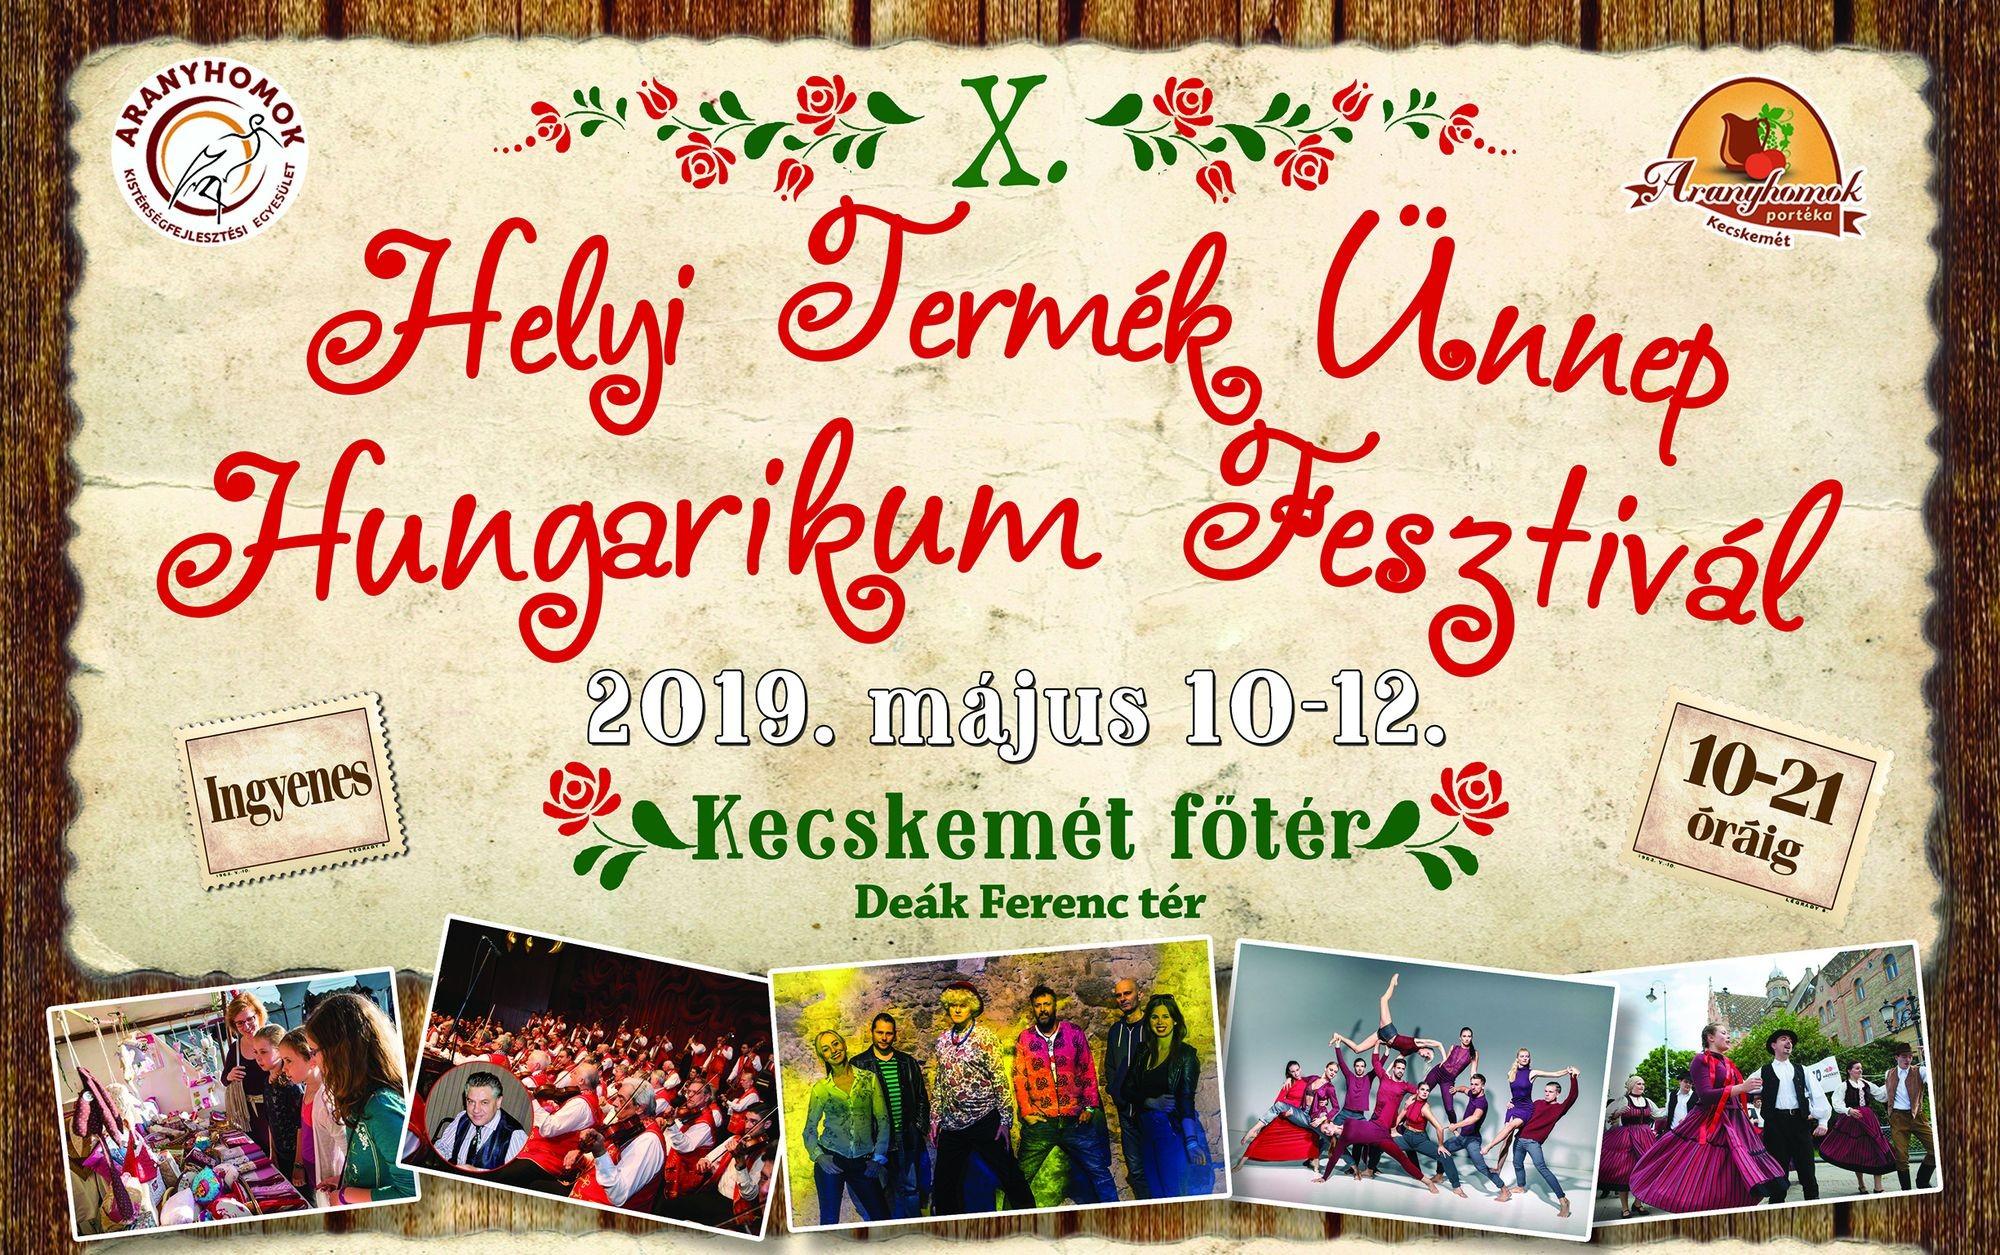 Gazdag programkínálat várja a vendégeket a X. Helyi Termék Ünnep – Hungarikum Fesztiválon